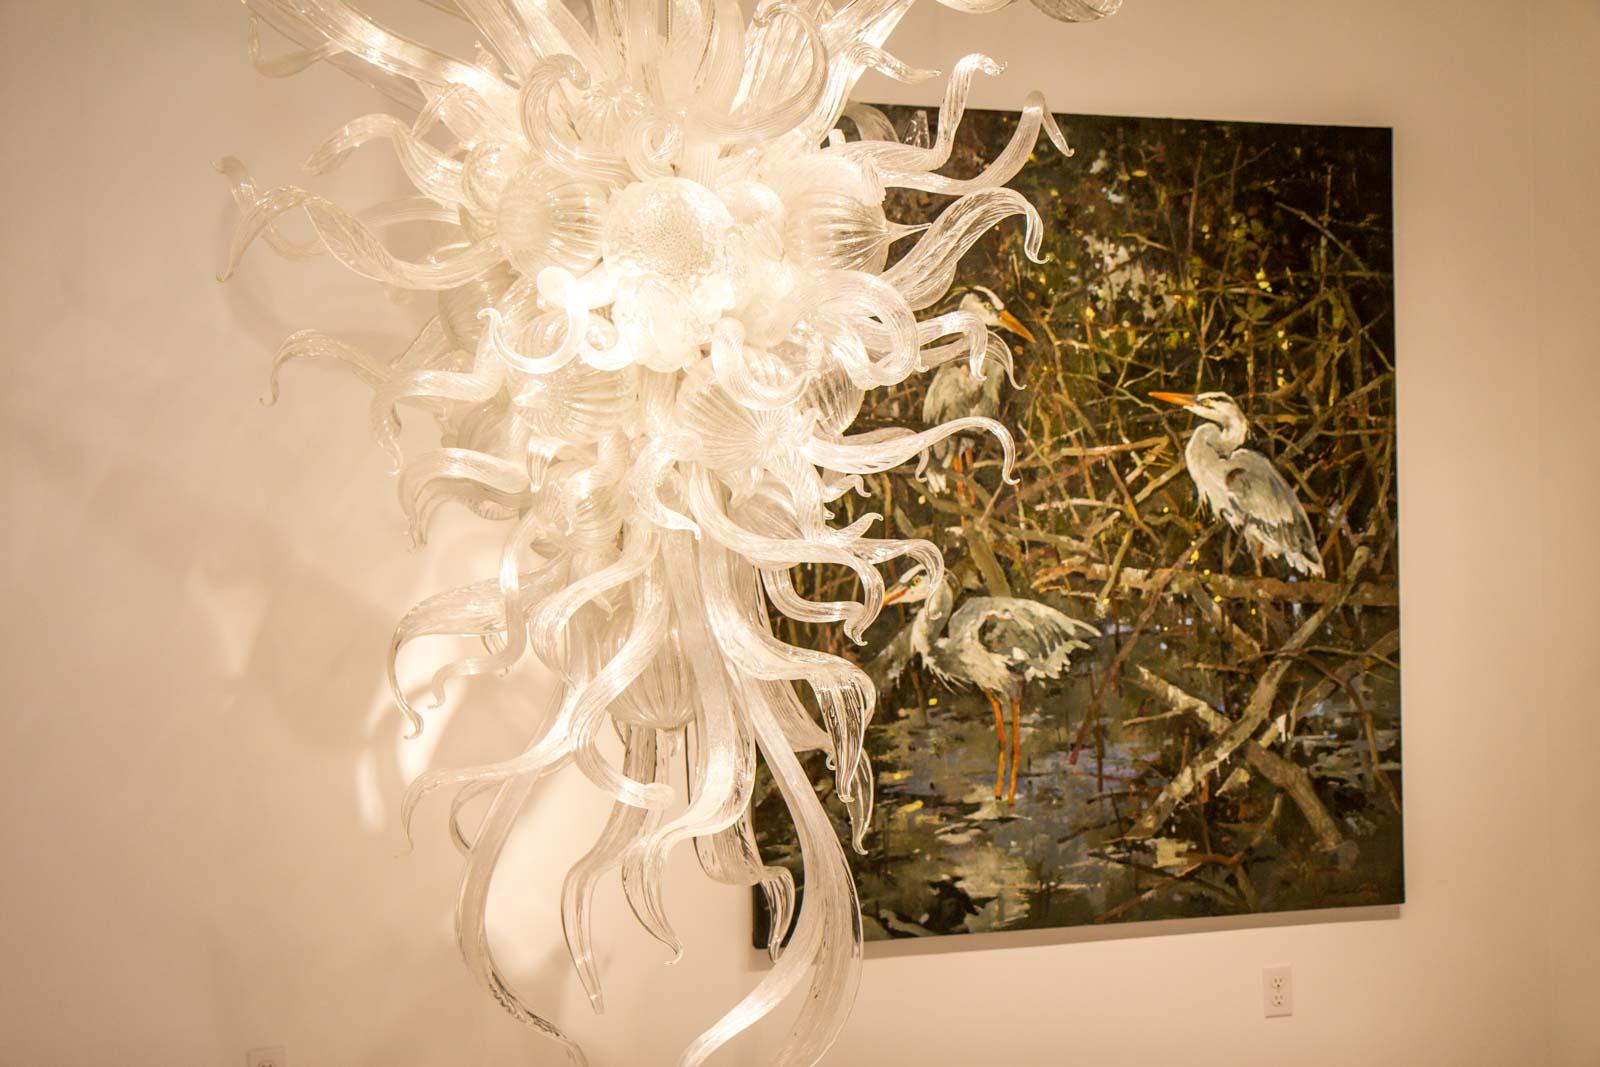 New Orleans art scene, Louisiana, USA